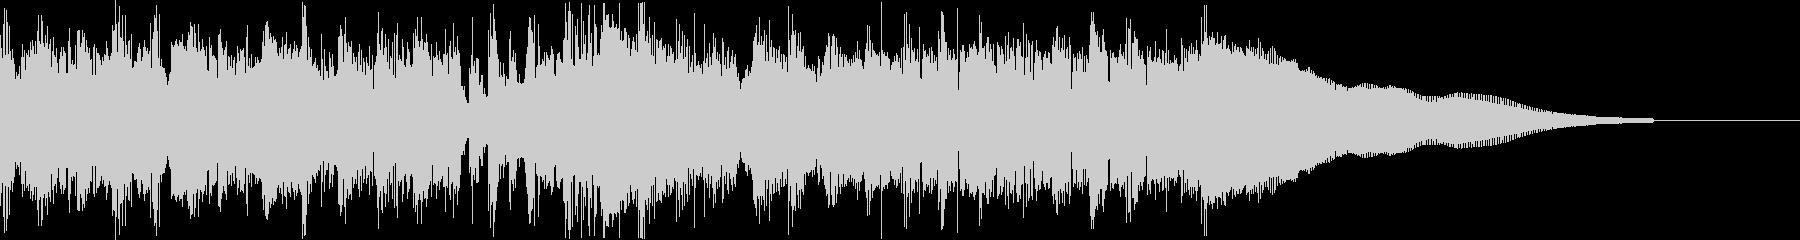 カントリー風ギターイントロ−07Eの未再生の波形